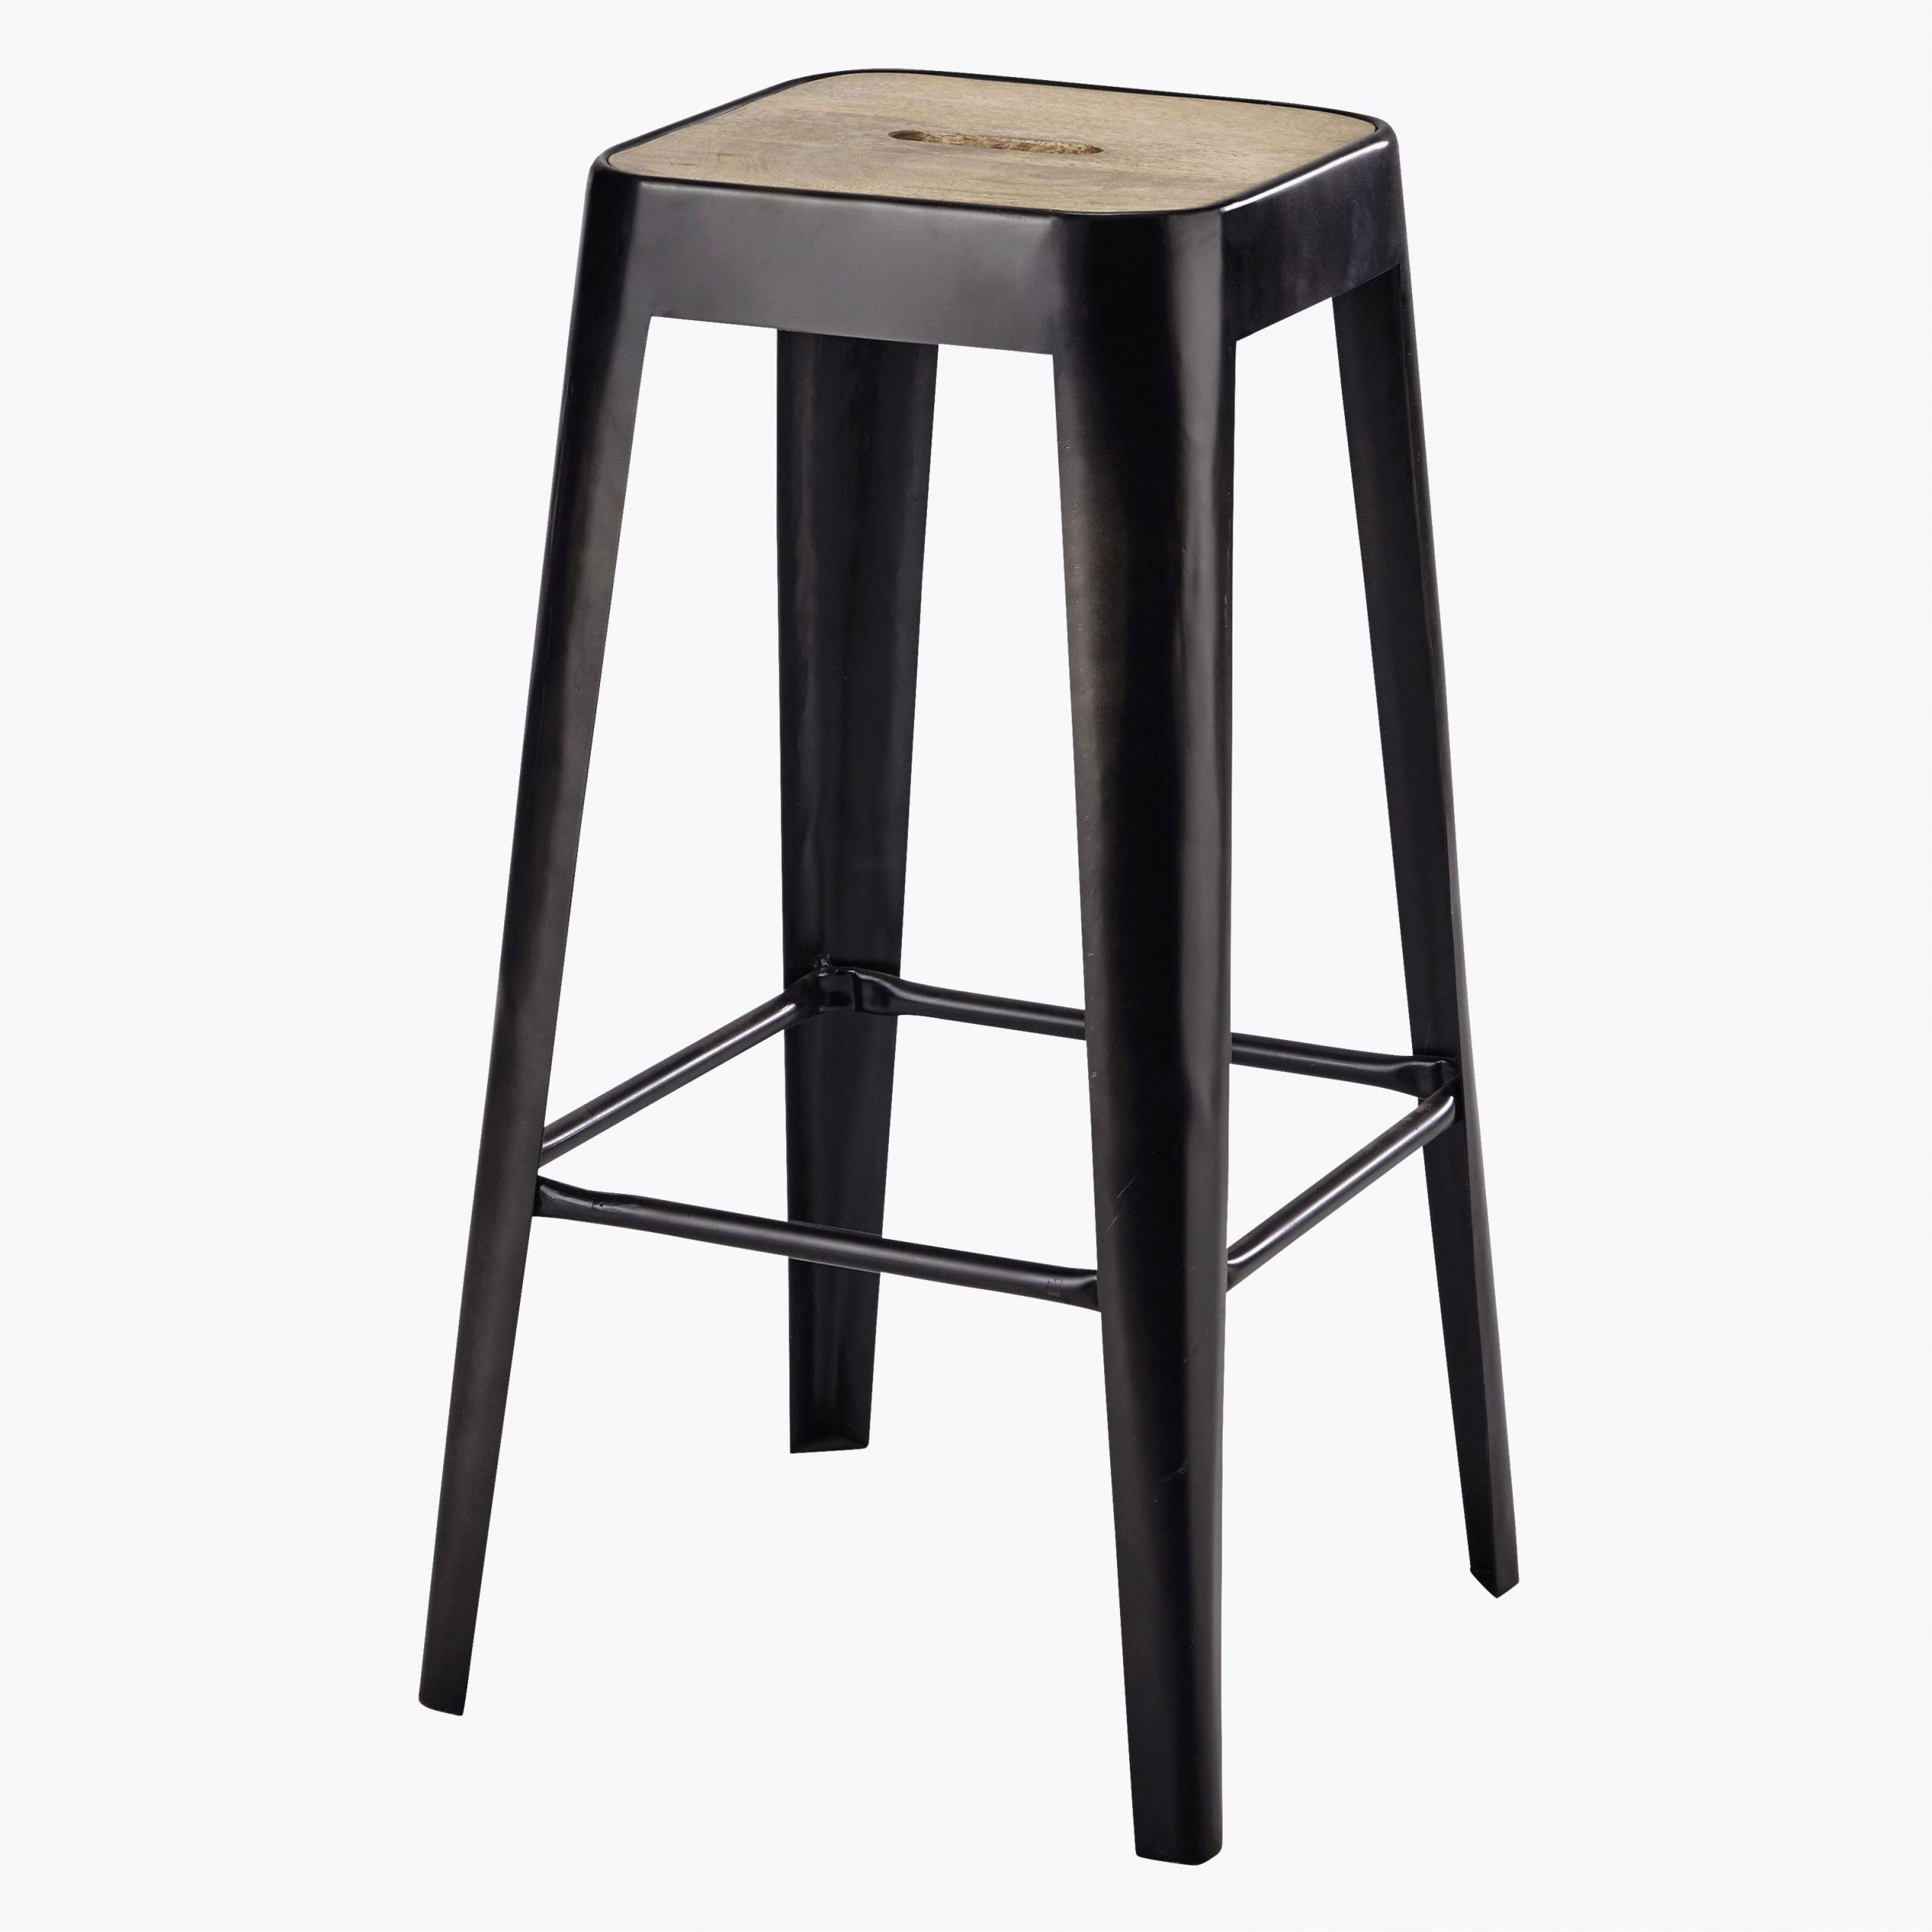 tabouret mi hauteur elegant chaise mi haute chaise mi hauteur frais hauteur banquette inspirant of tabouret mi hauteur